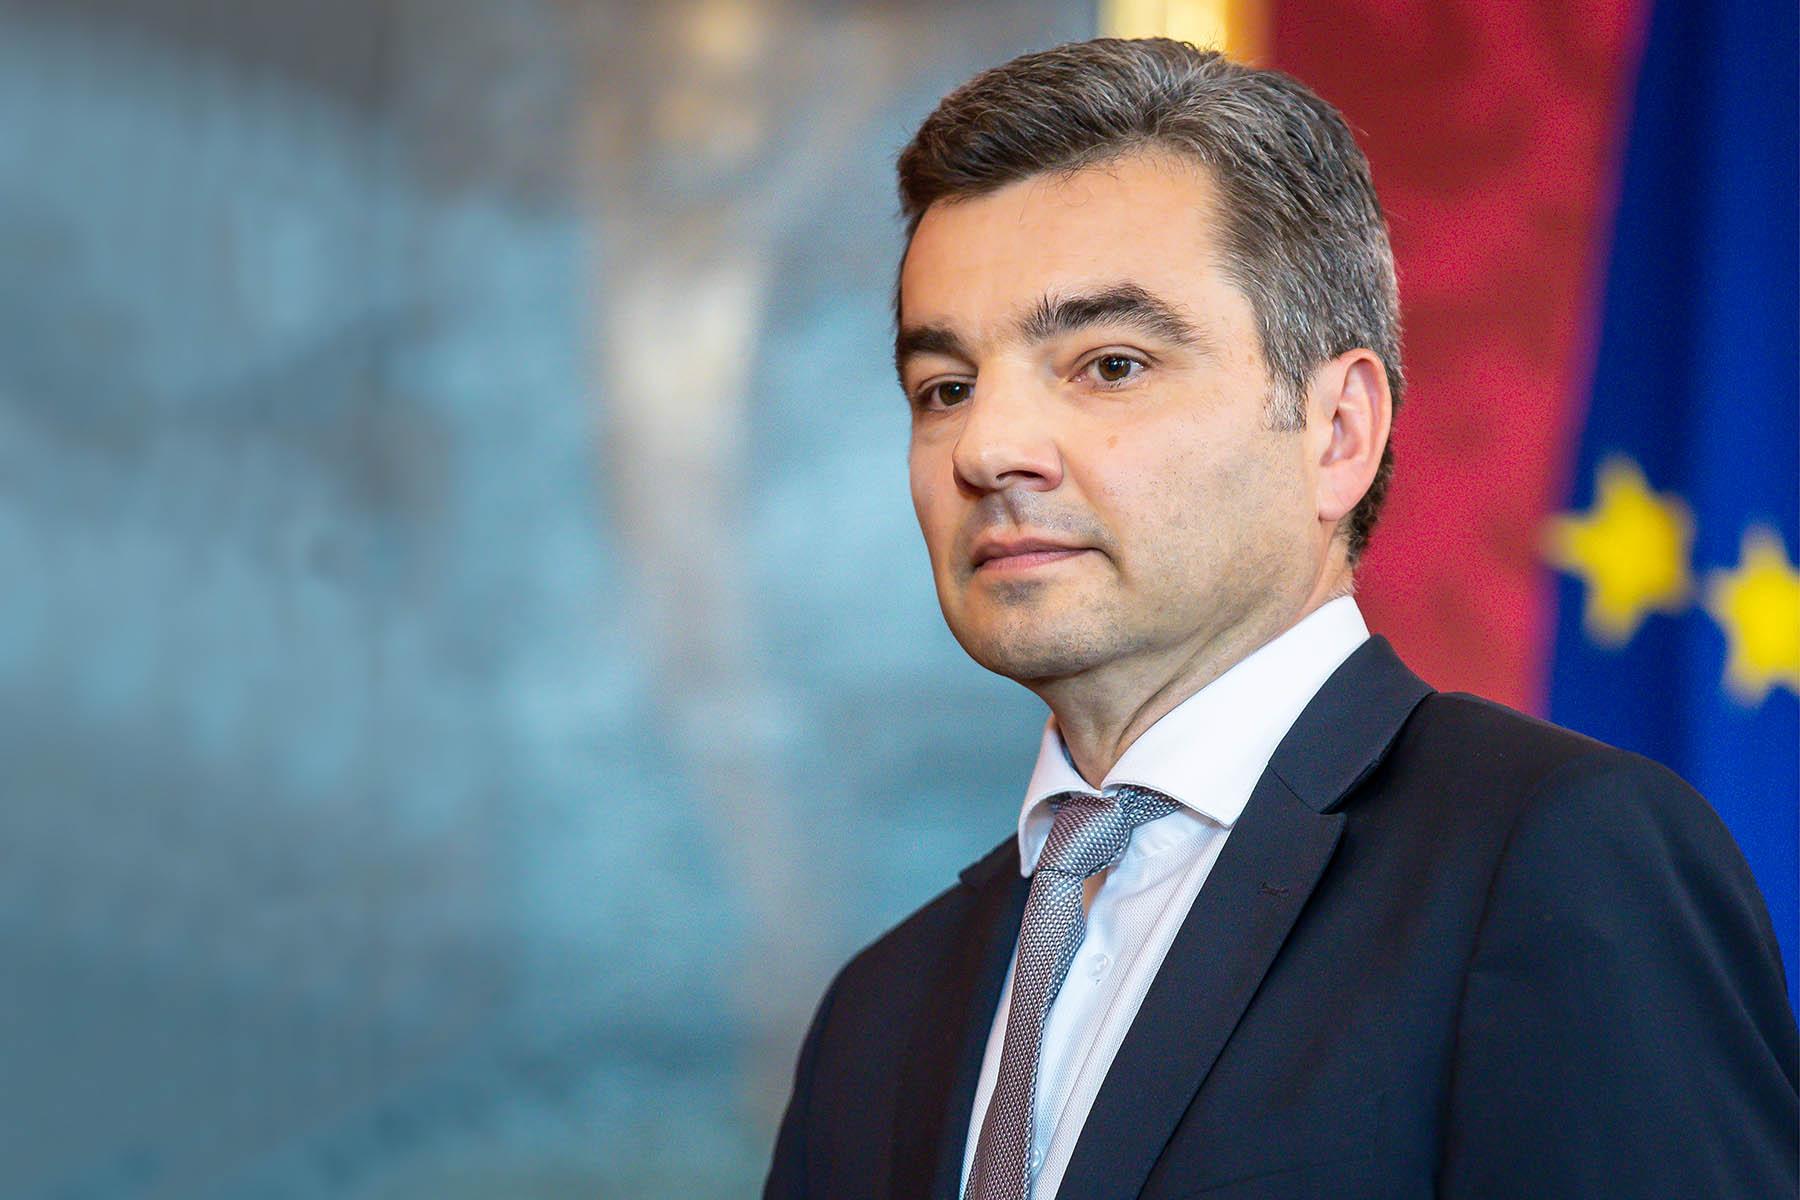 وزير الداخلية النمساوي يقرر رفع اسم سريلانكا من قائمة «دول اللاجئين الآمنة»